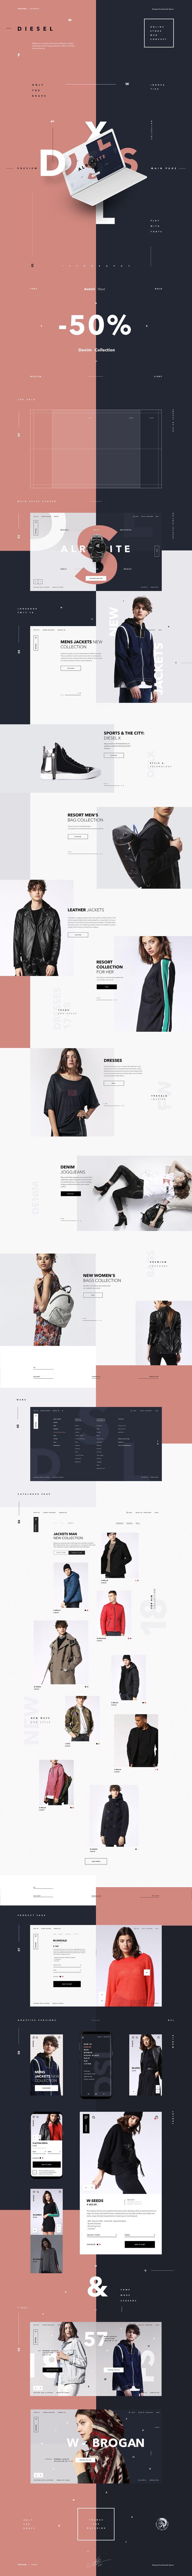 Diesel online store concept